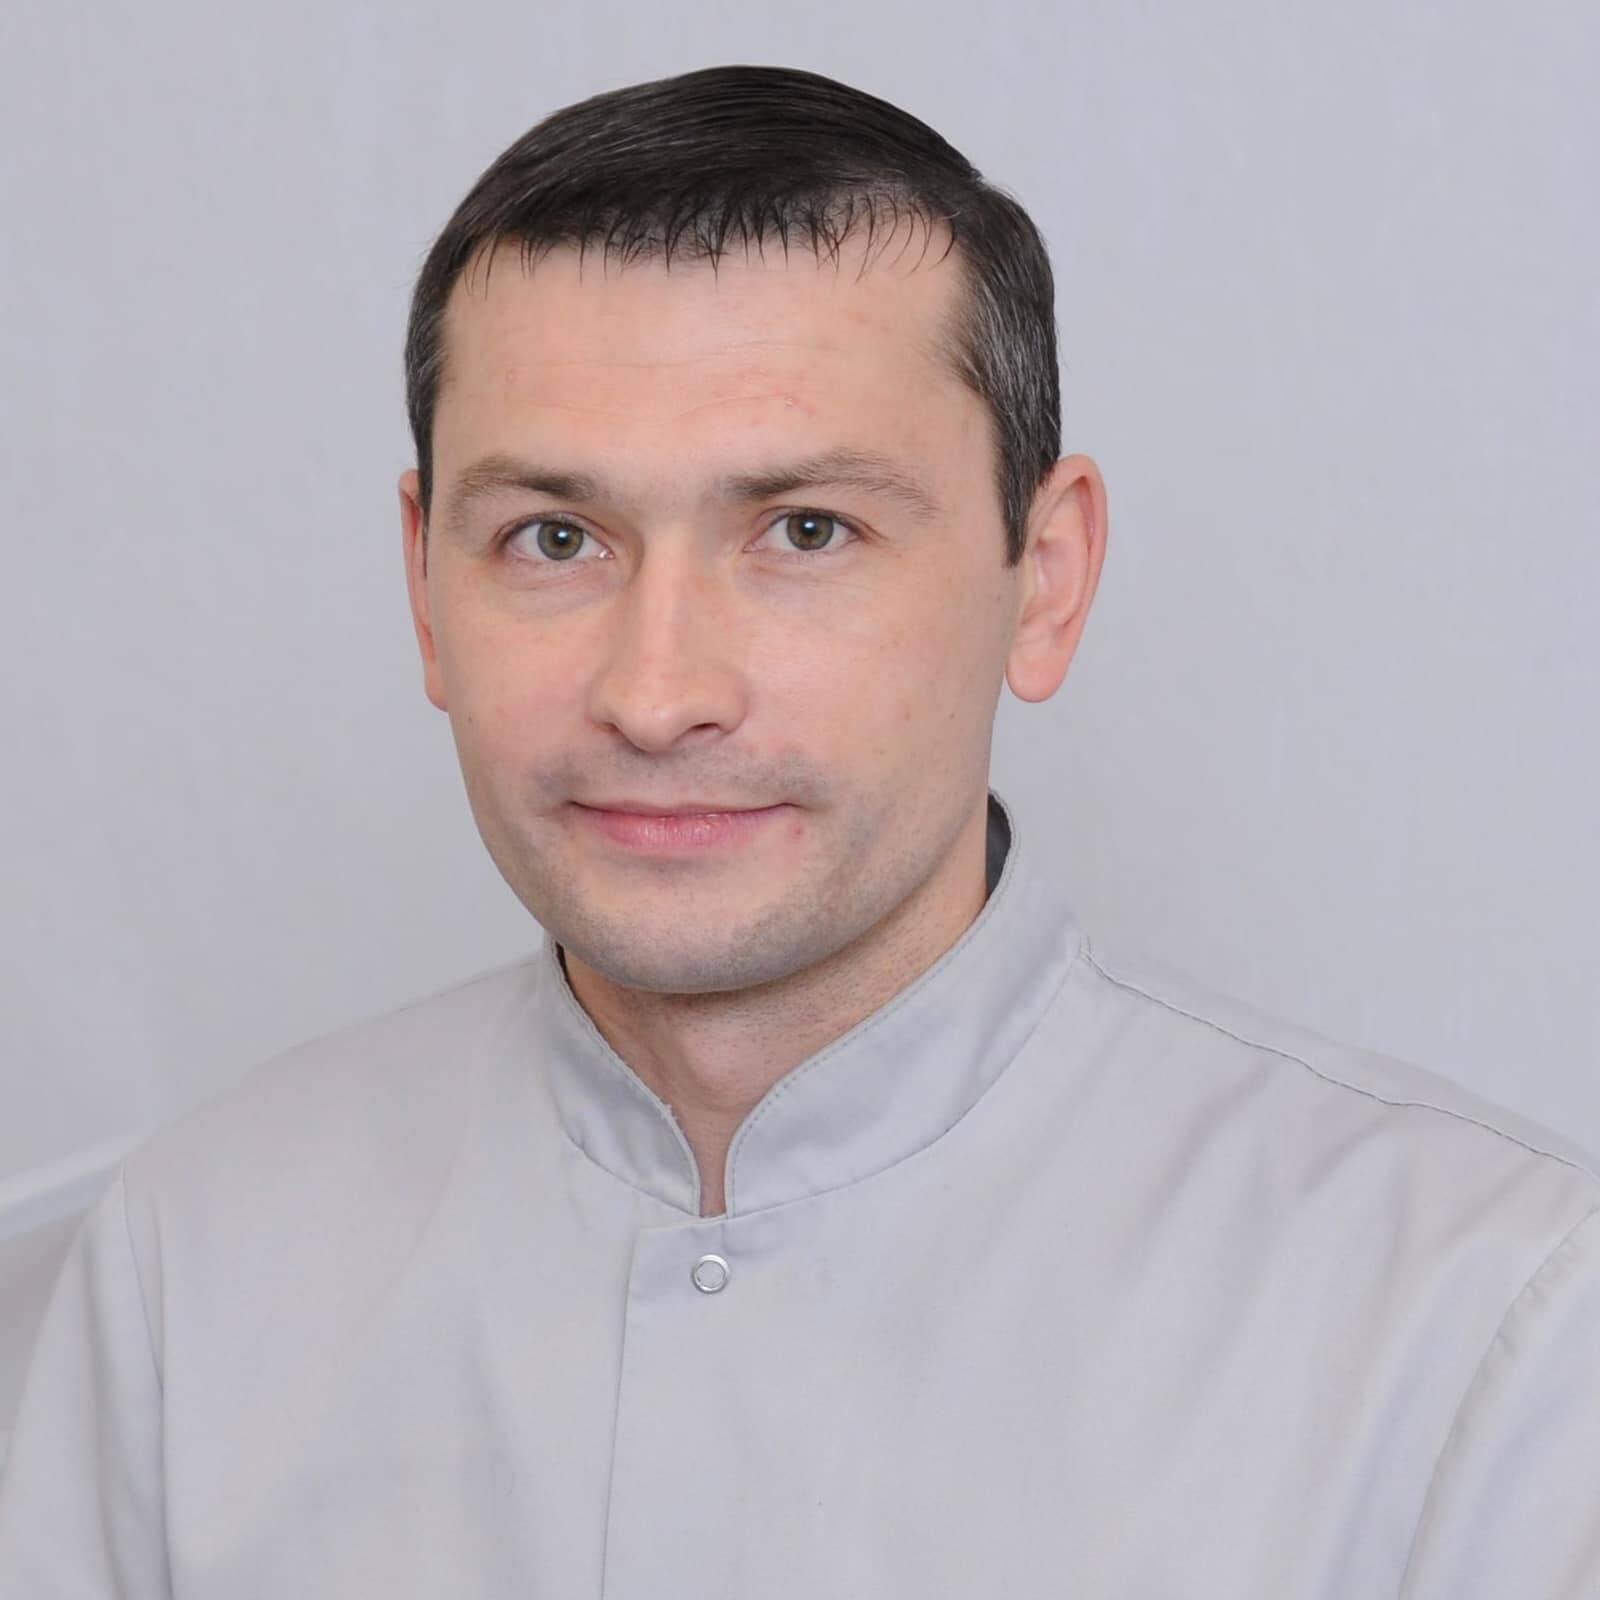 лікар Горобій Сергій Олександрович: опис, відгуки, послуги, рейтинг, записатися онлайн на сайті h24.ua